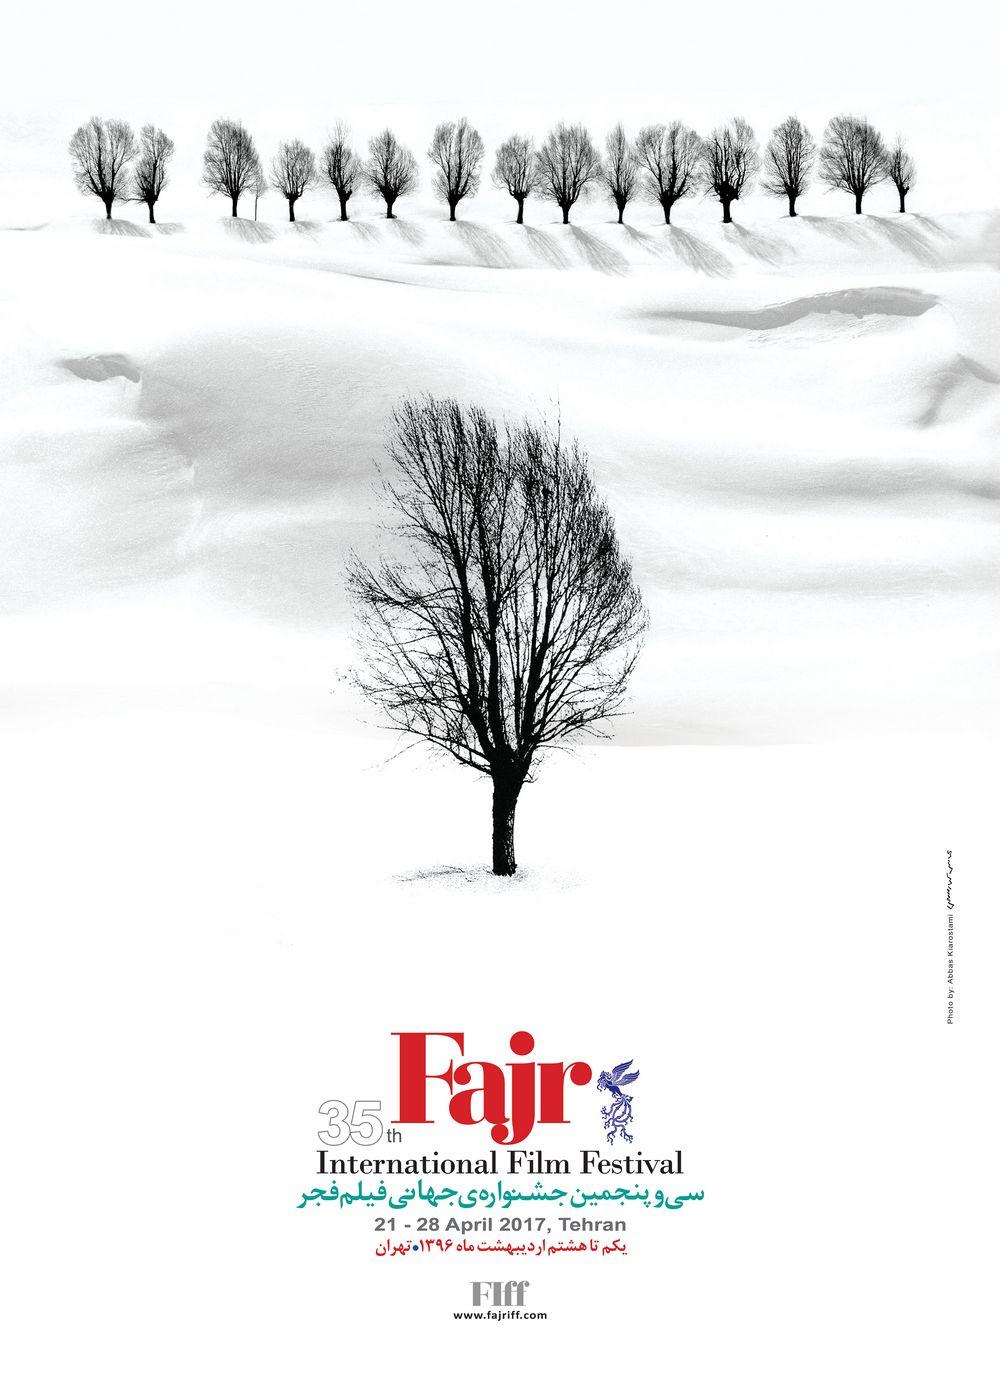 چه فیلمهایی در ششمین روز جشنواره به نمایش در میآیند؟